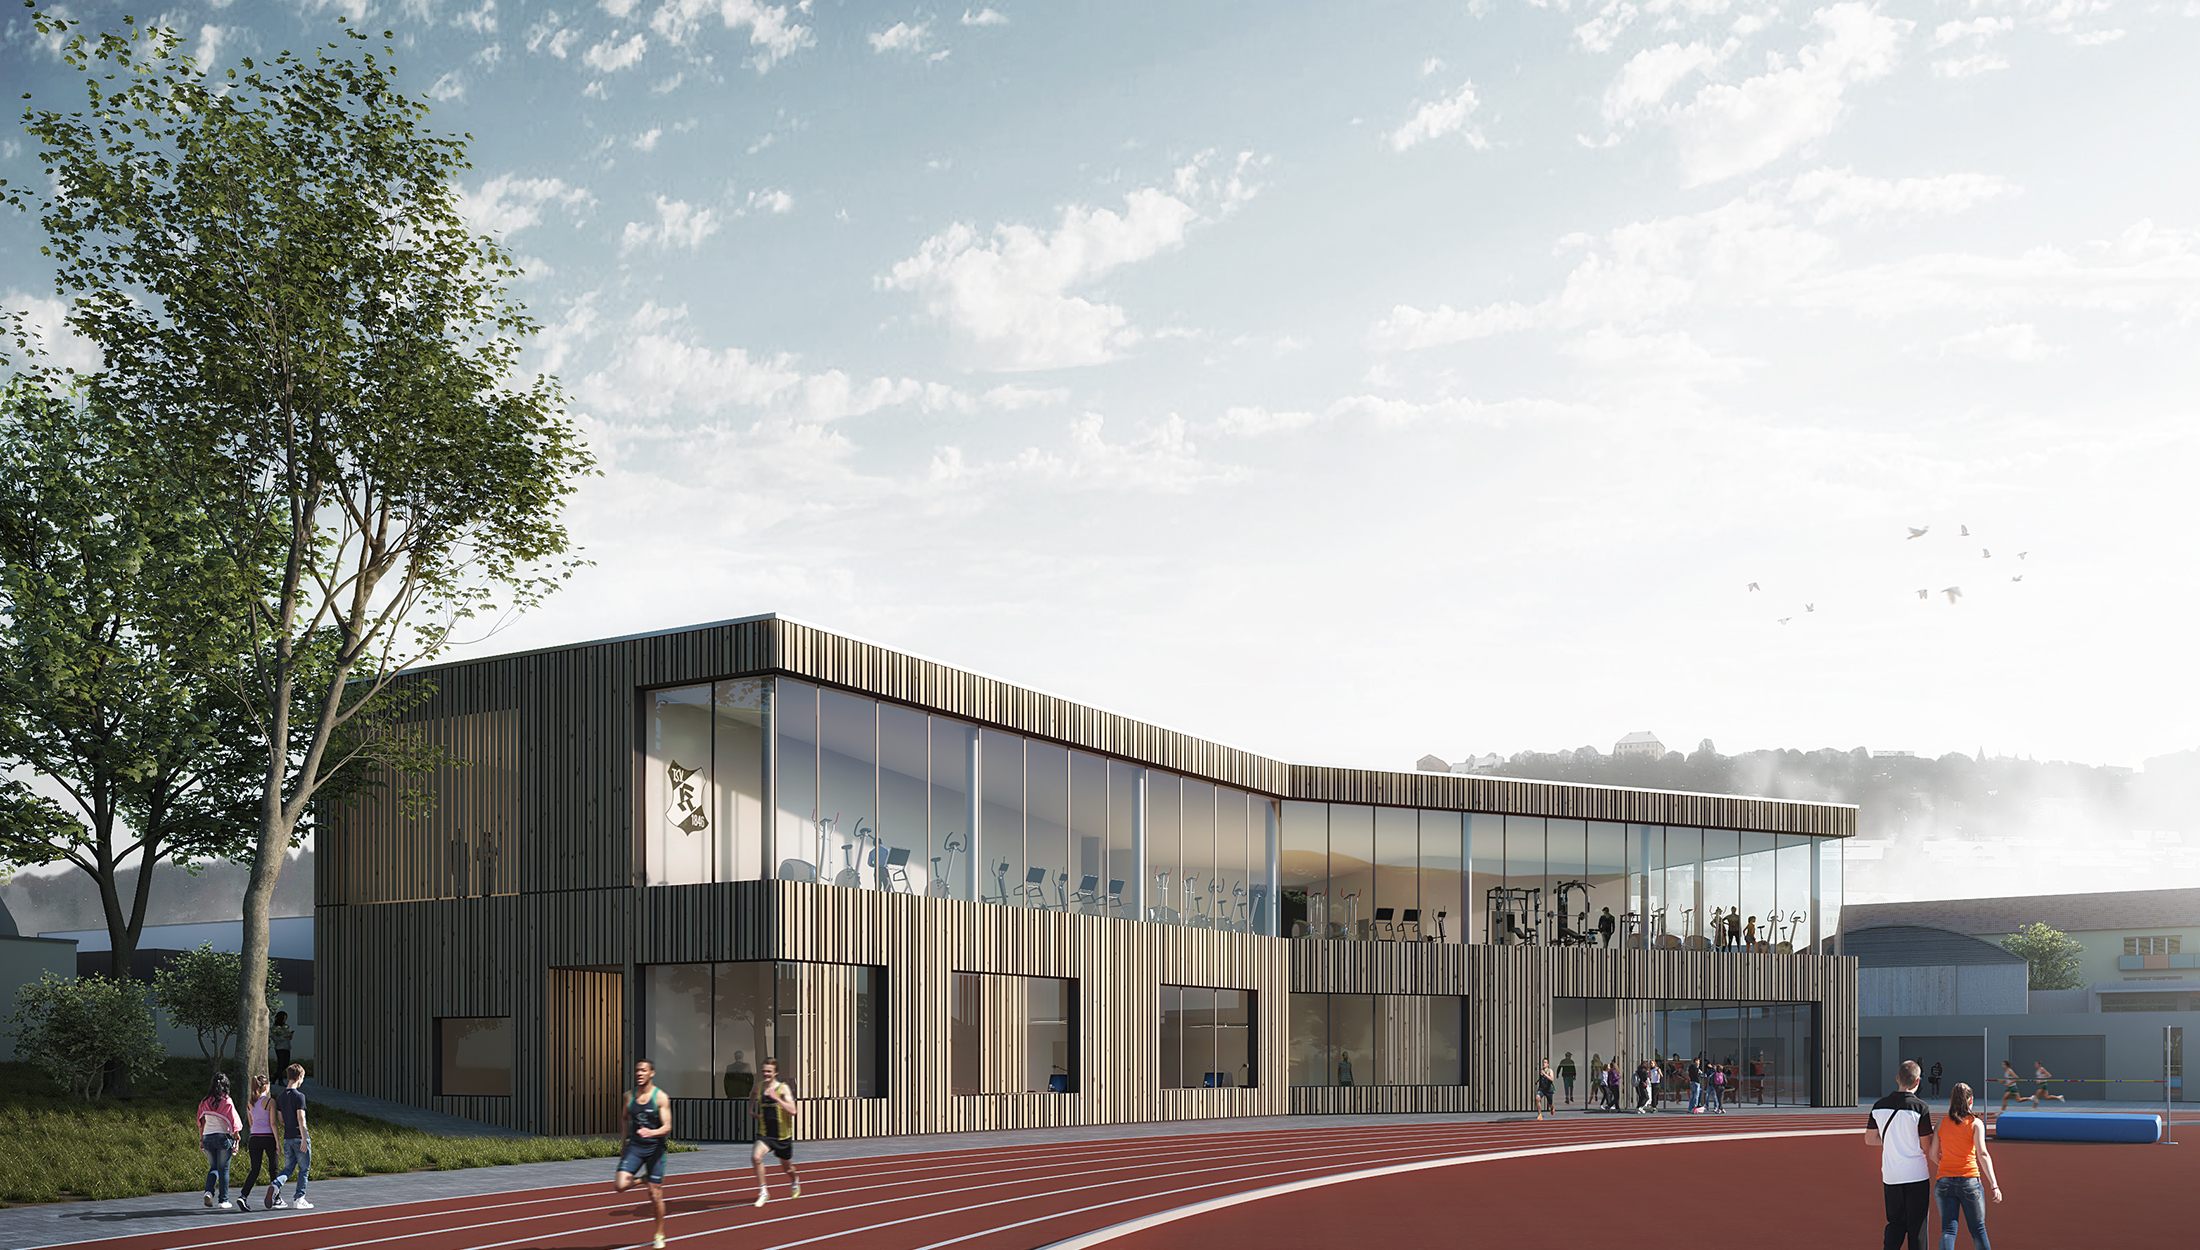 2019, Konzeptstudie Sportvereinszentrum TSV 1846 Künzelsau e.V., Künzelsau